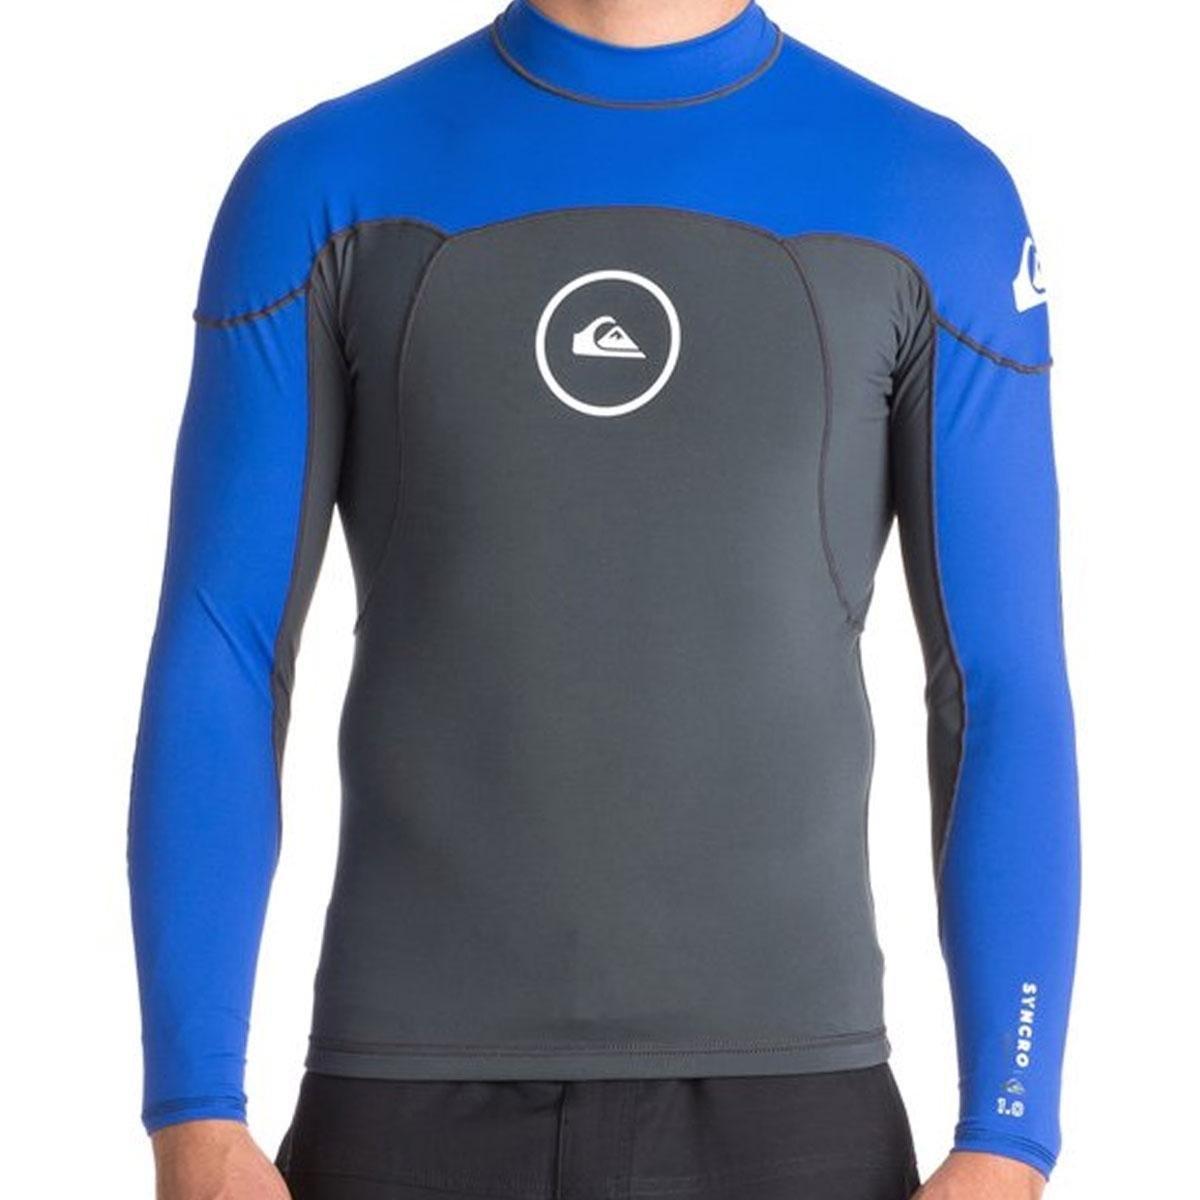 4d1055fad7c Lycra Quiksilver Neo Shirt Ml Neos Syncro 1.0 Mm Masculina - Azul e Cinza -  Compre Agora